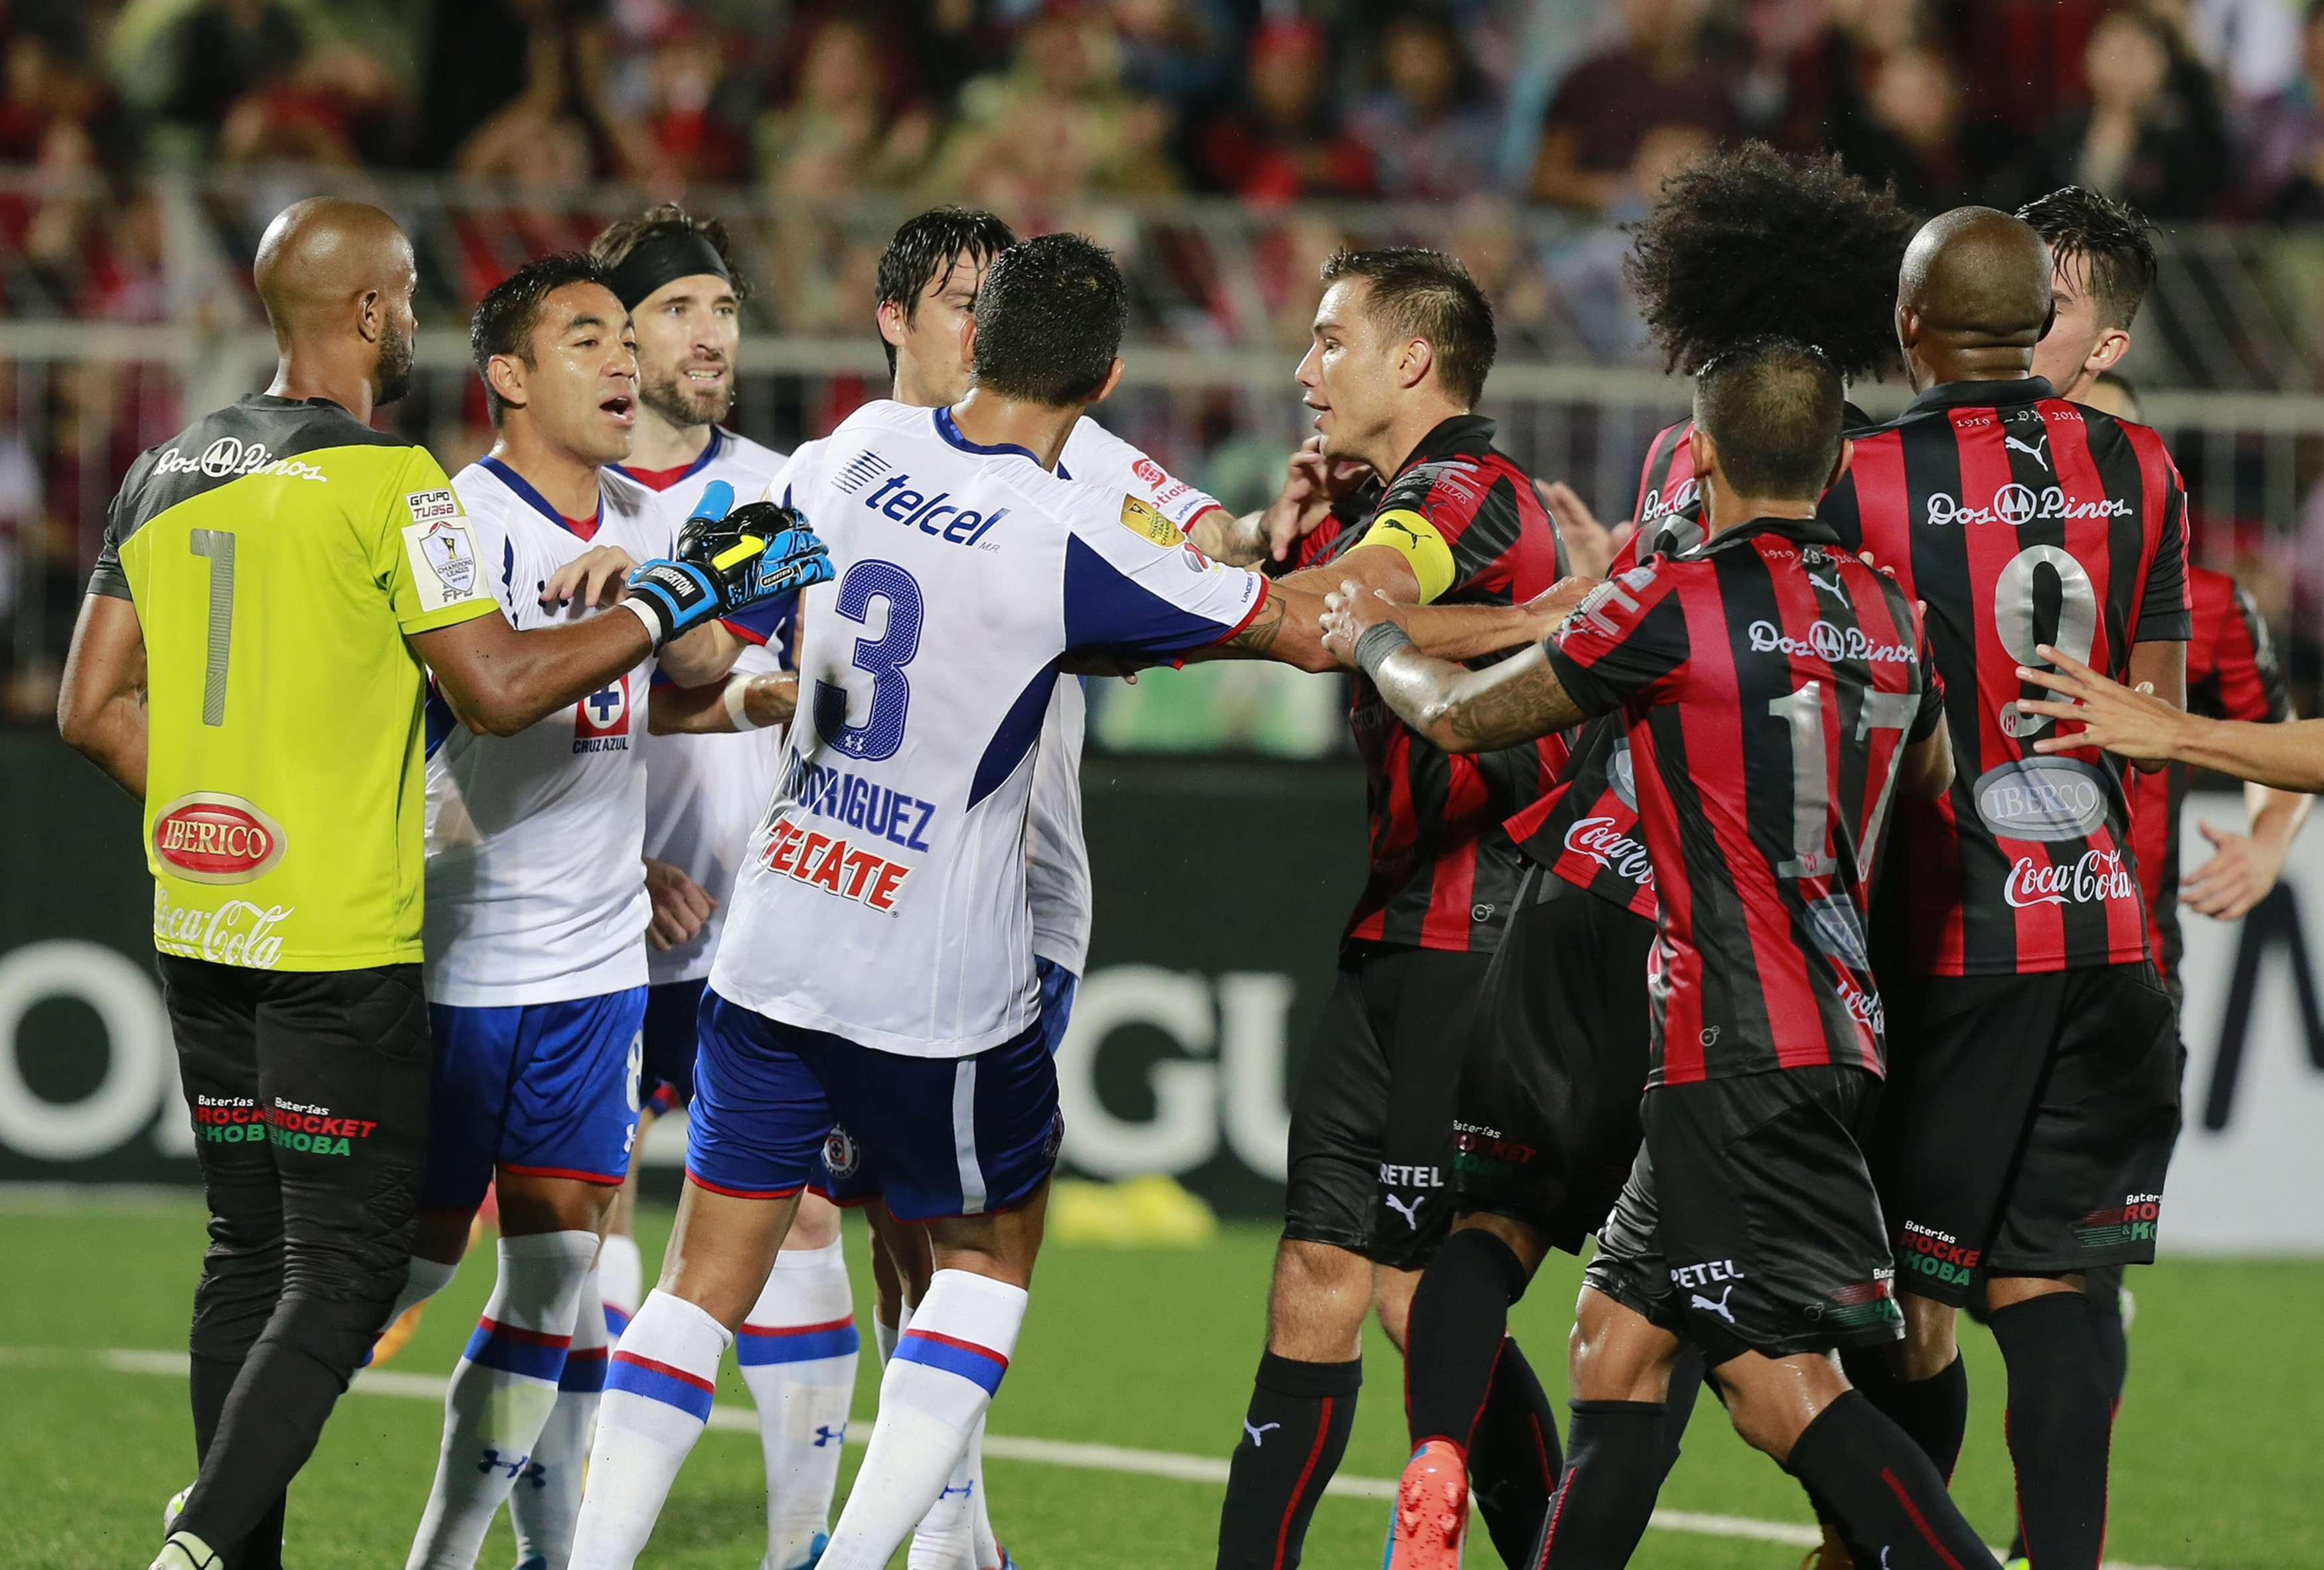 El partido entre Alajuelense y Cruz Azul terminó en bronca. Foto: Mexsport